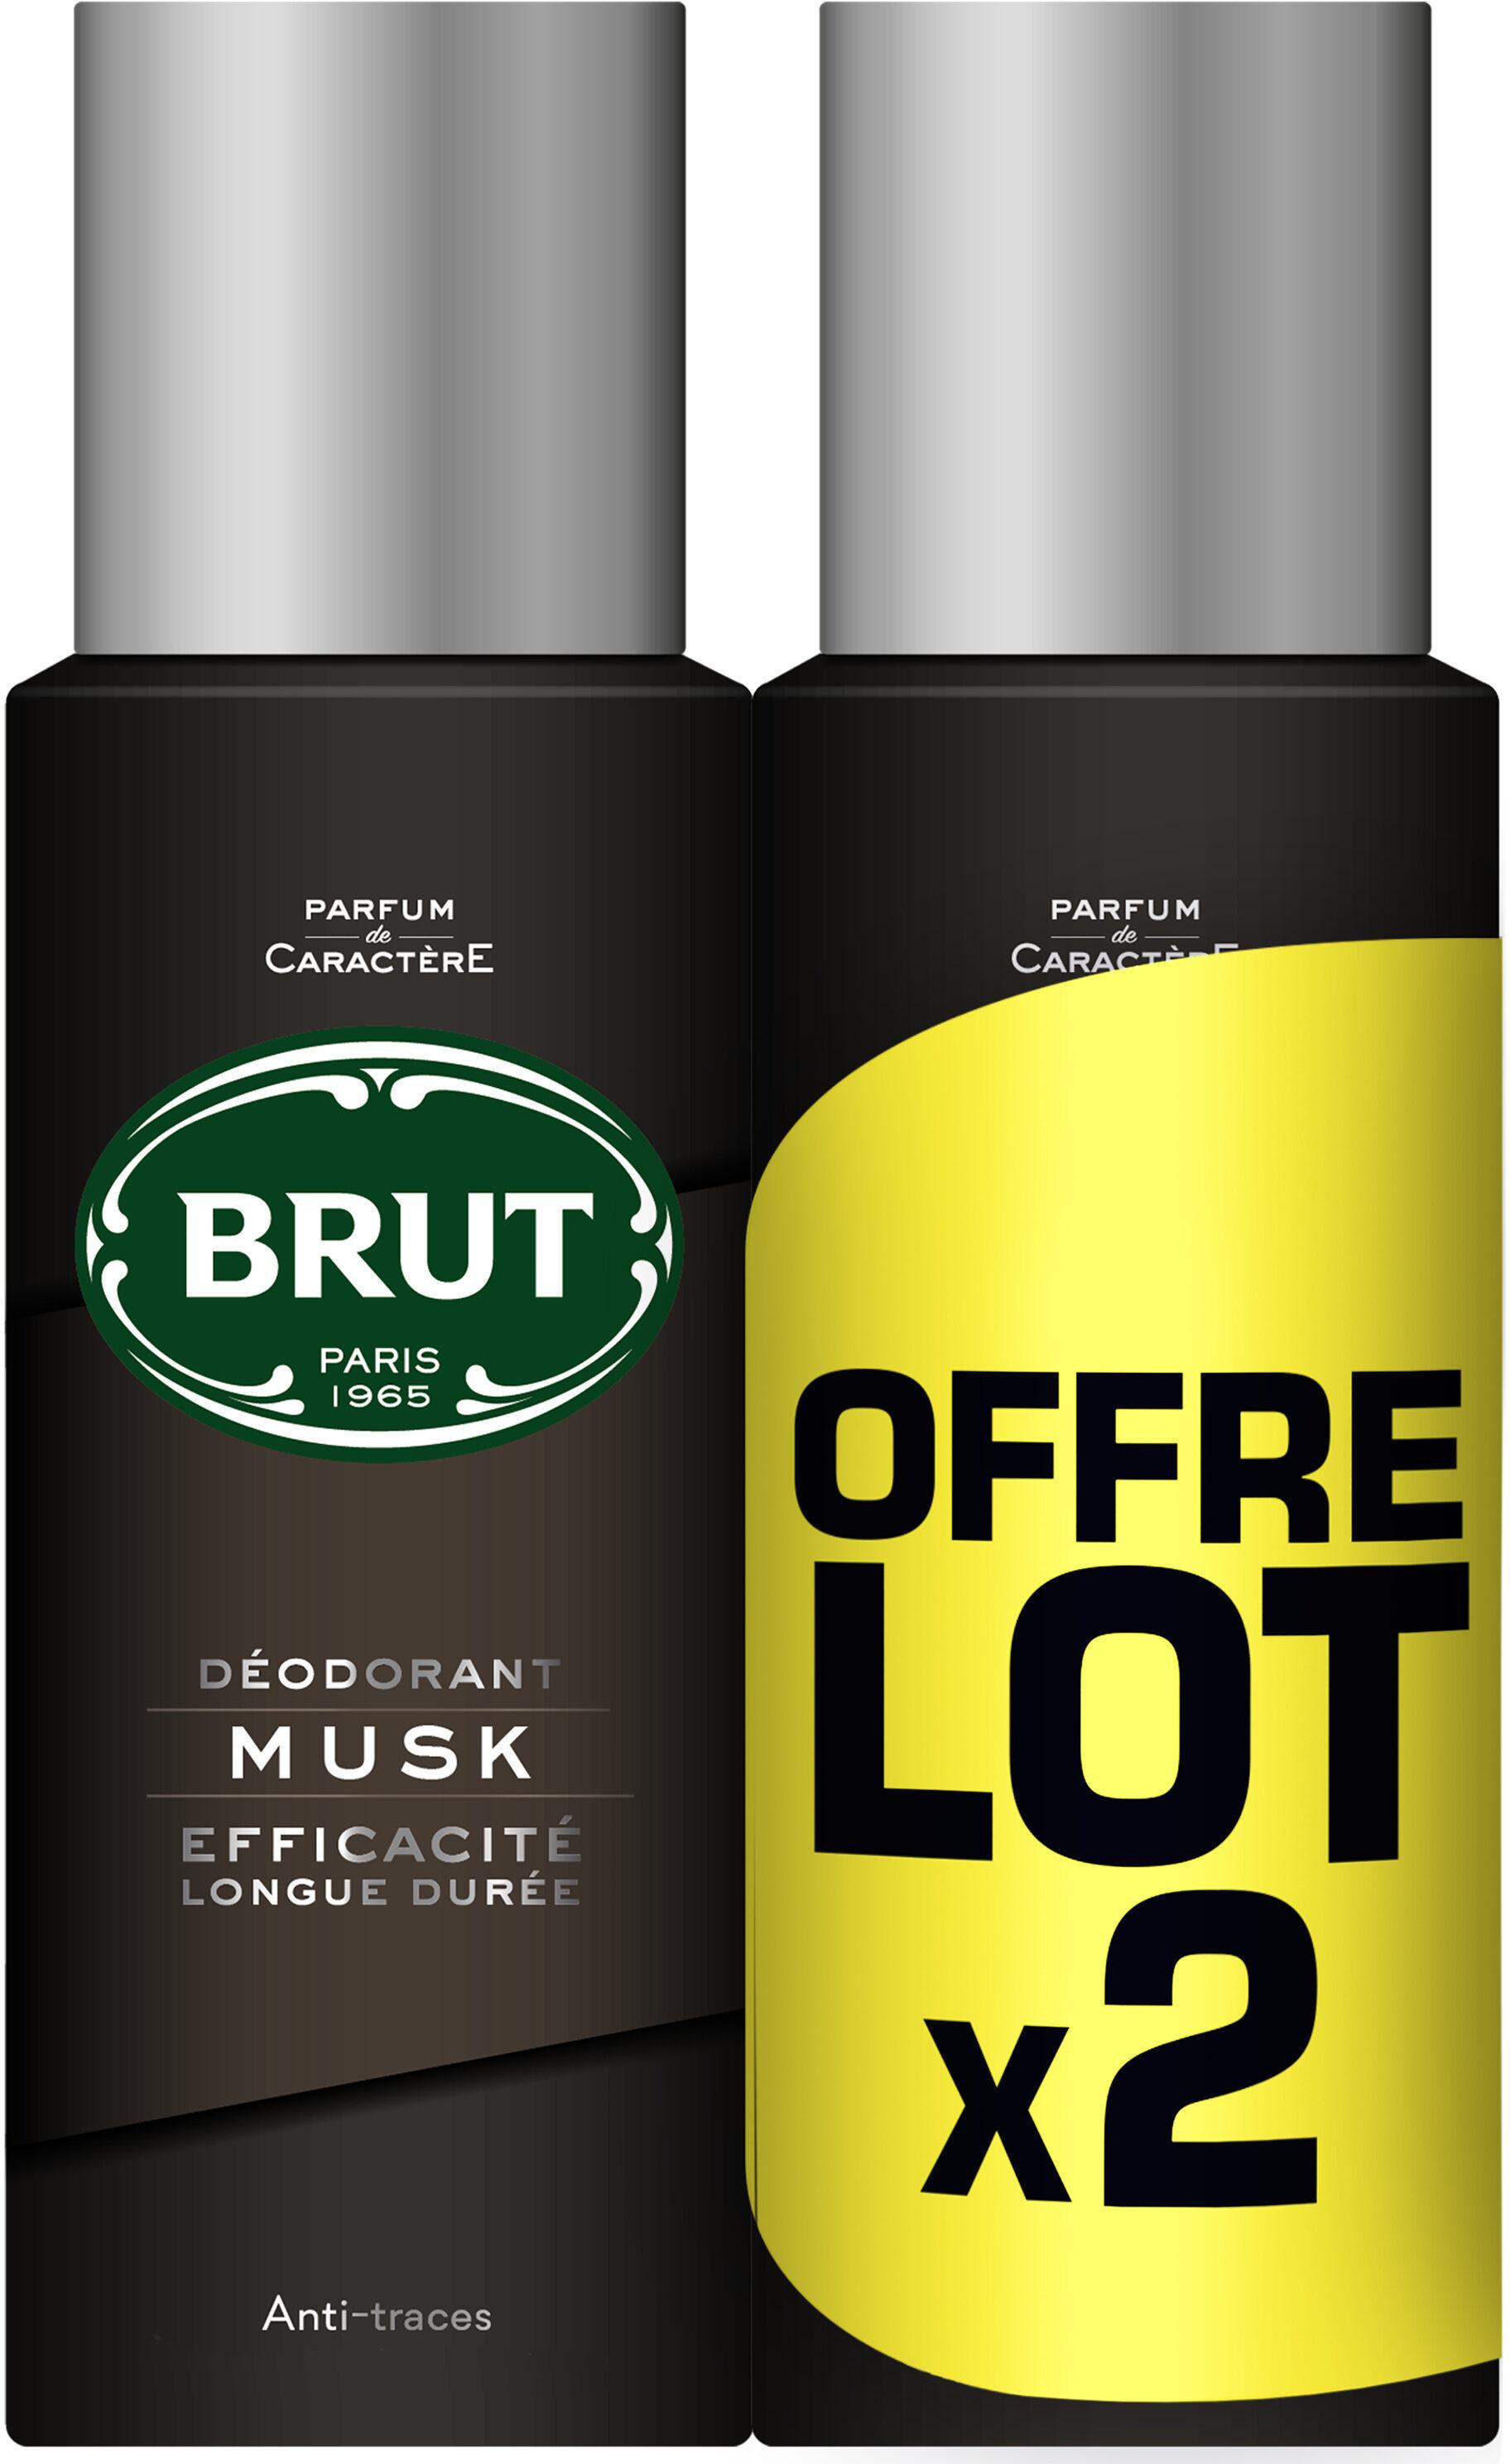 Brut Déodorant Homme Spray Musk 200ml Lot de 2 - Produit - fr